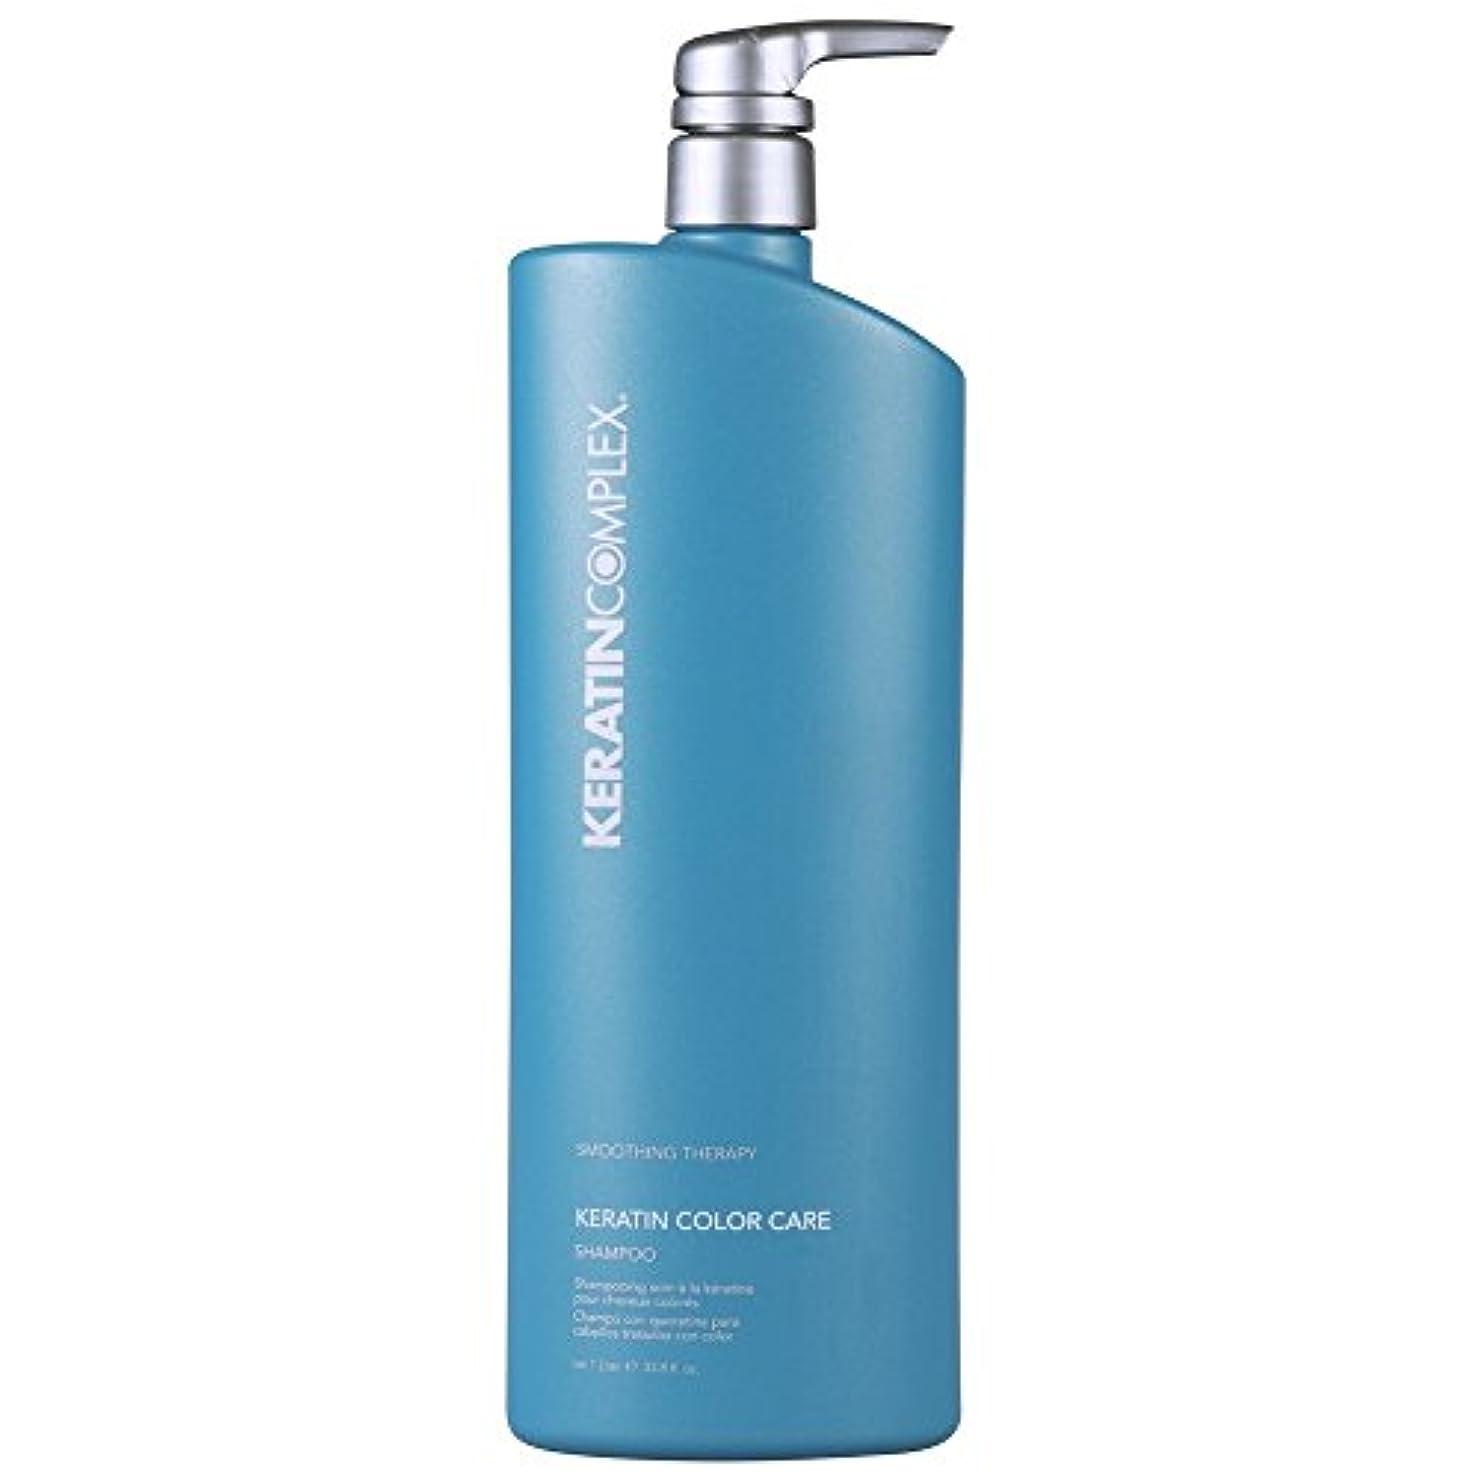 散歩専門知識通知するSmoothing Therapy Keratin Color Care Shampoo (For All Hair Types) - 1000ml/33.8oz